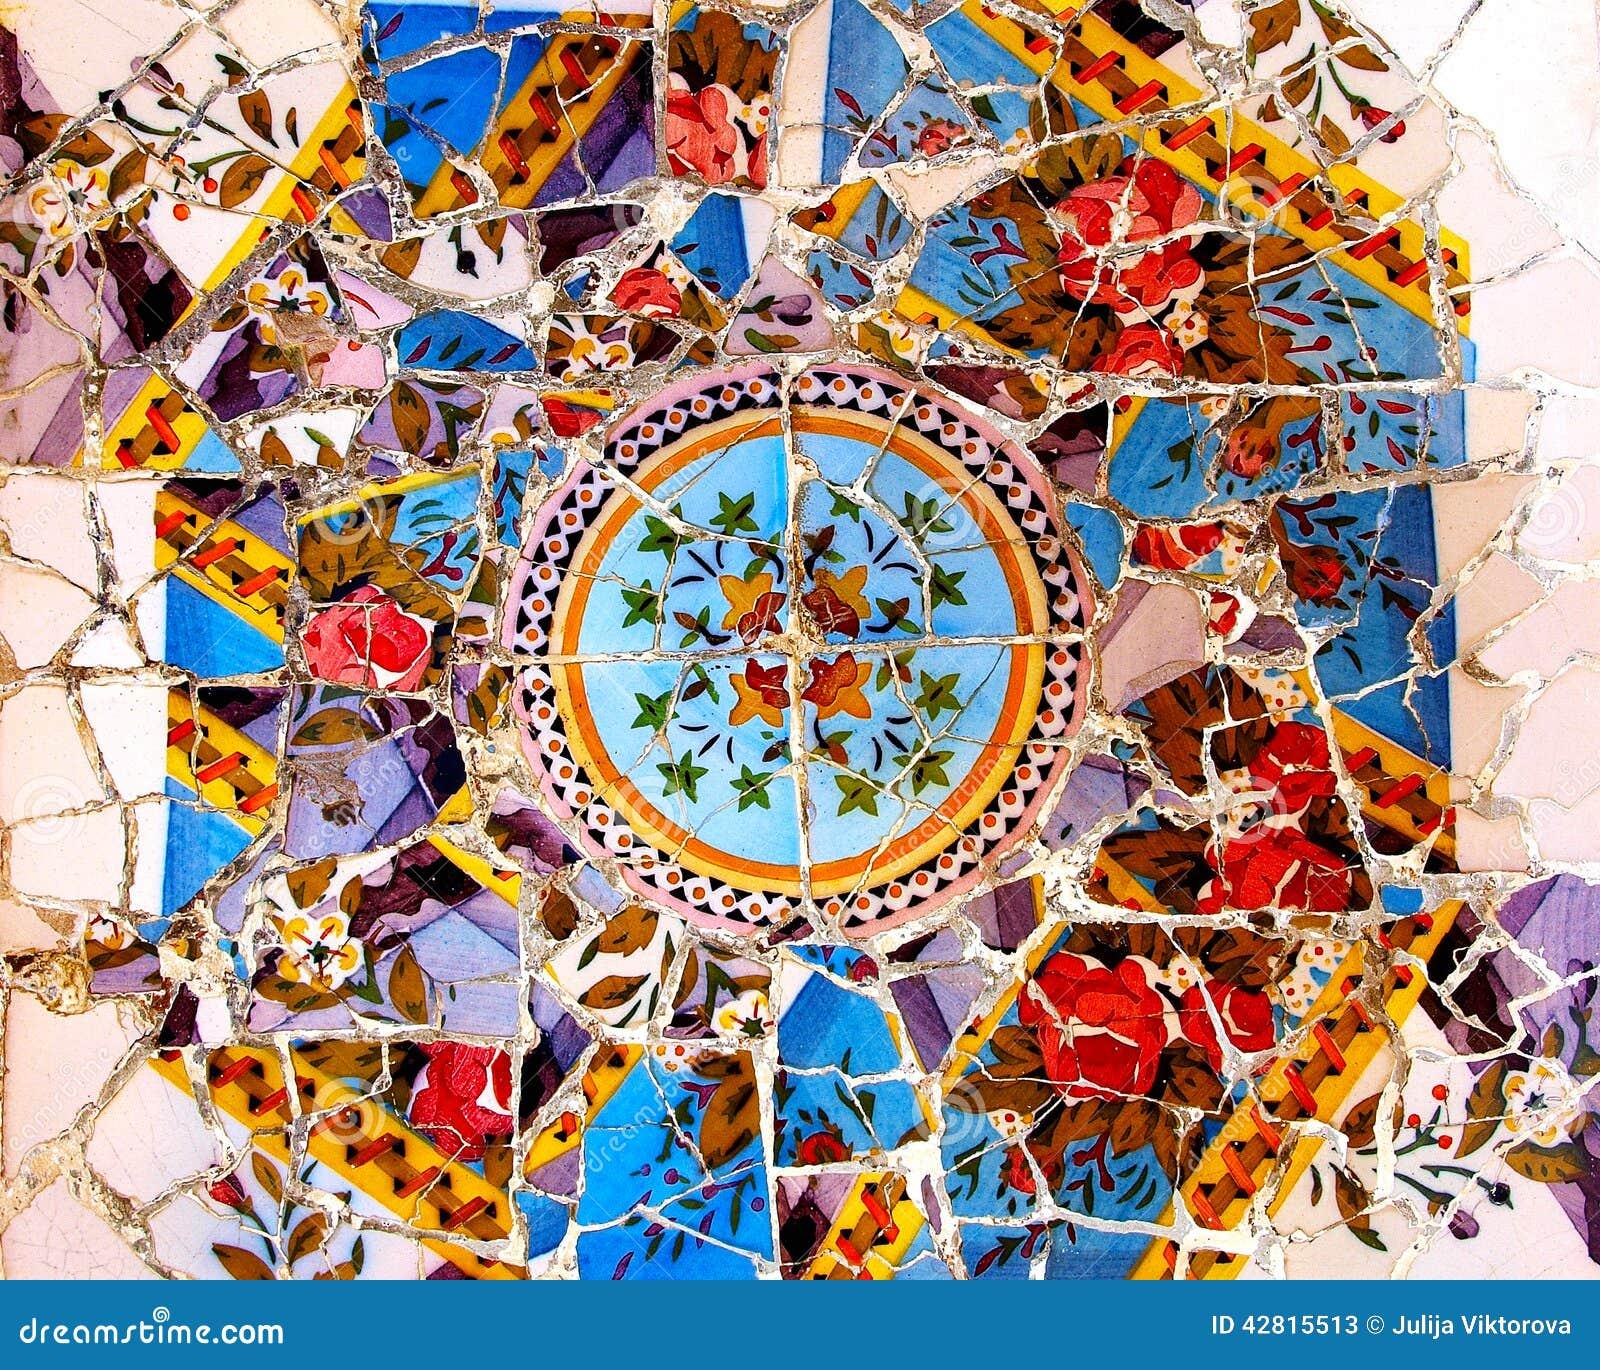 гауди мозаика фото